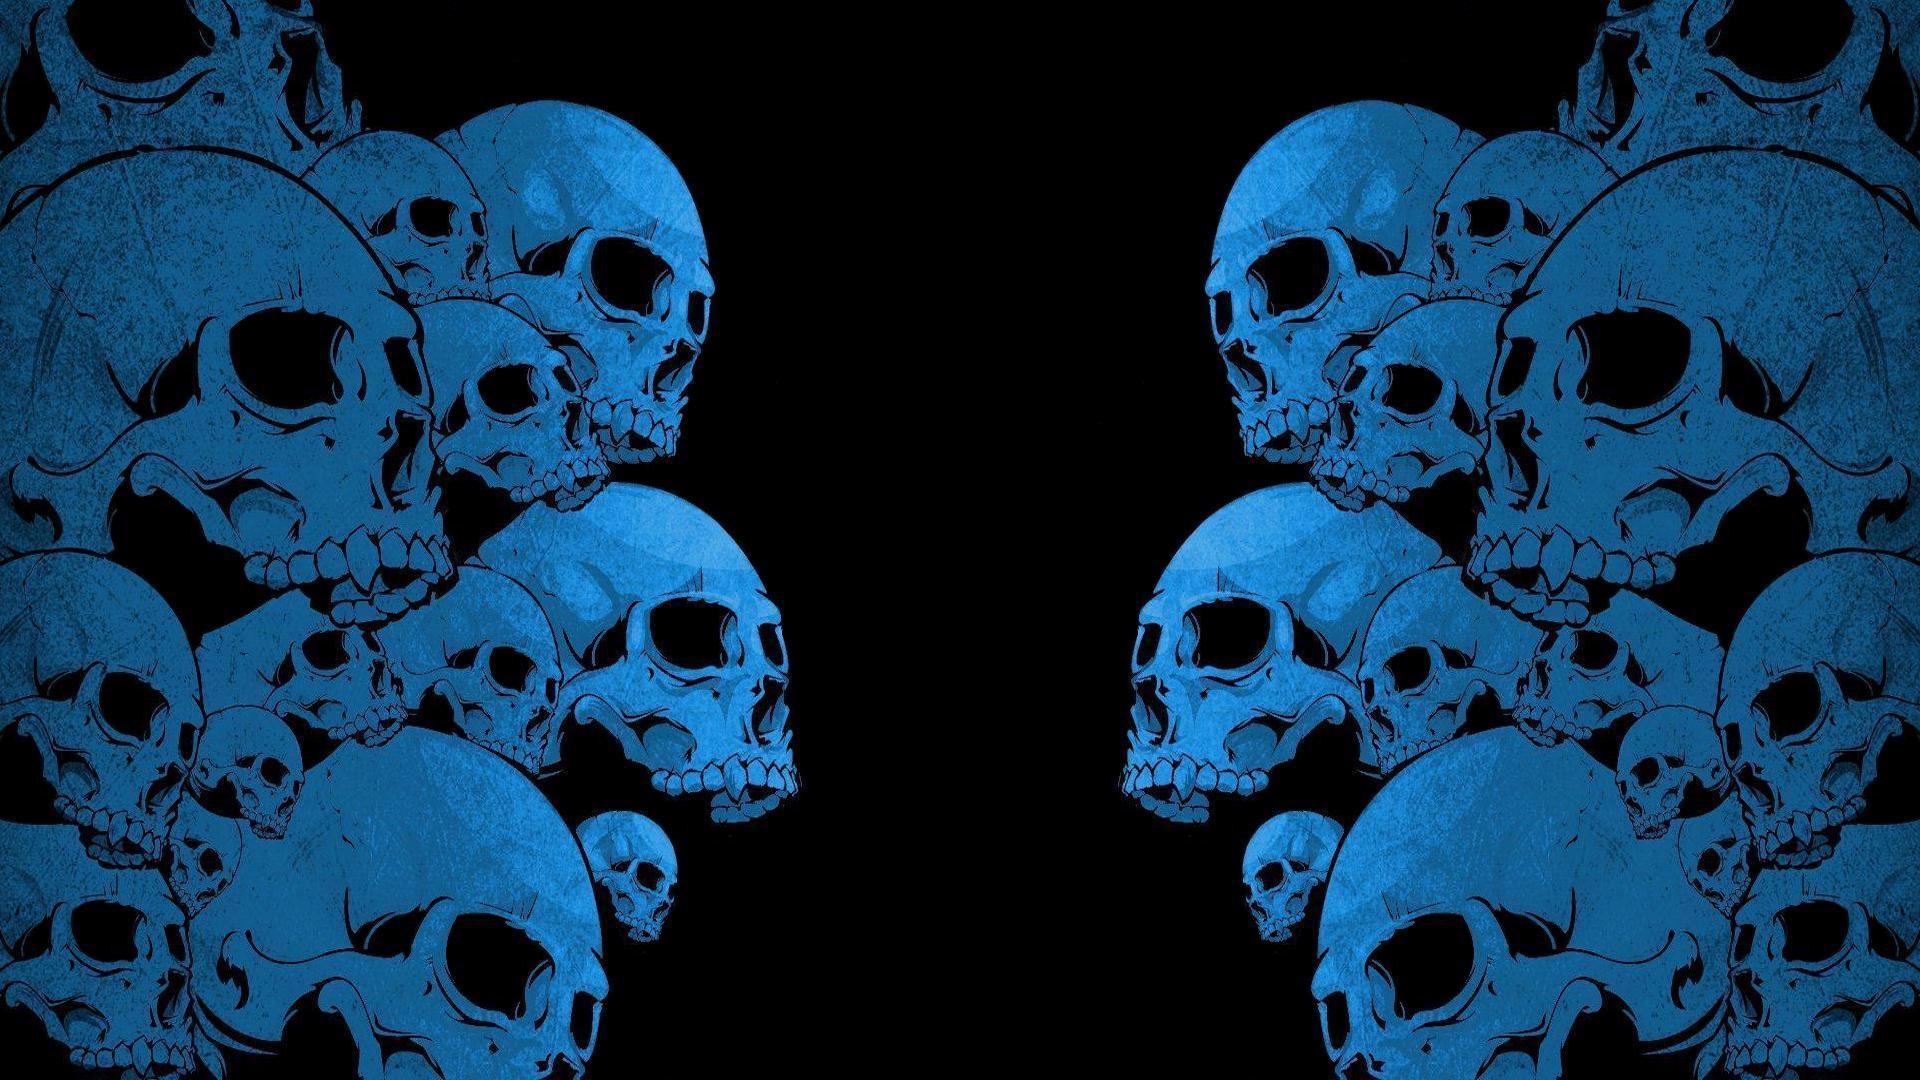 Sugar Skull Wallpaper 67 Images